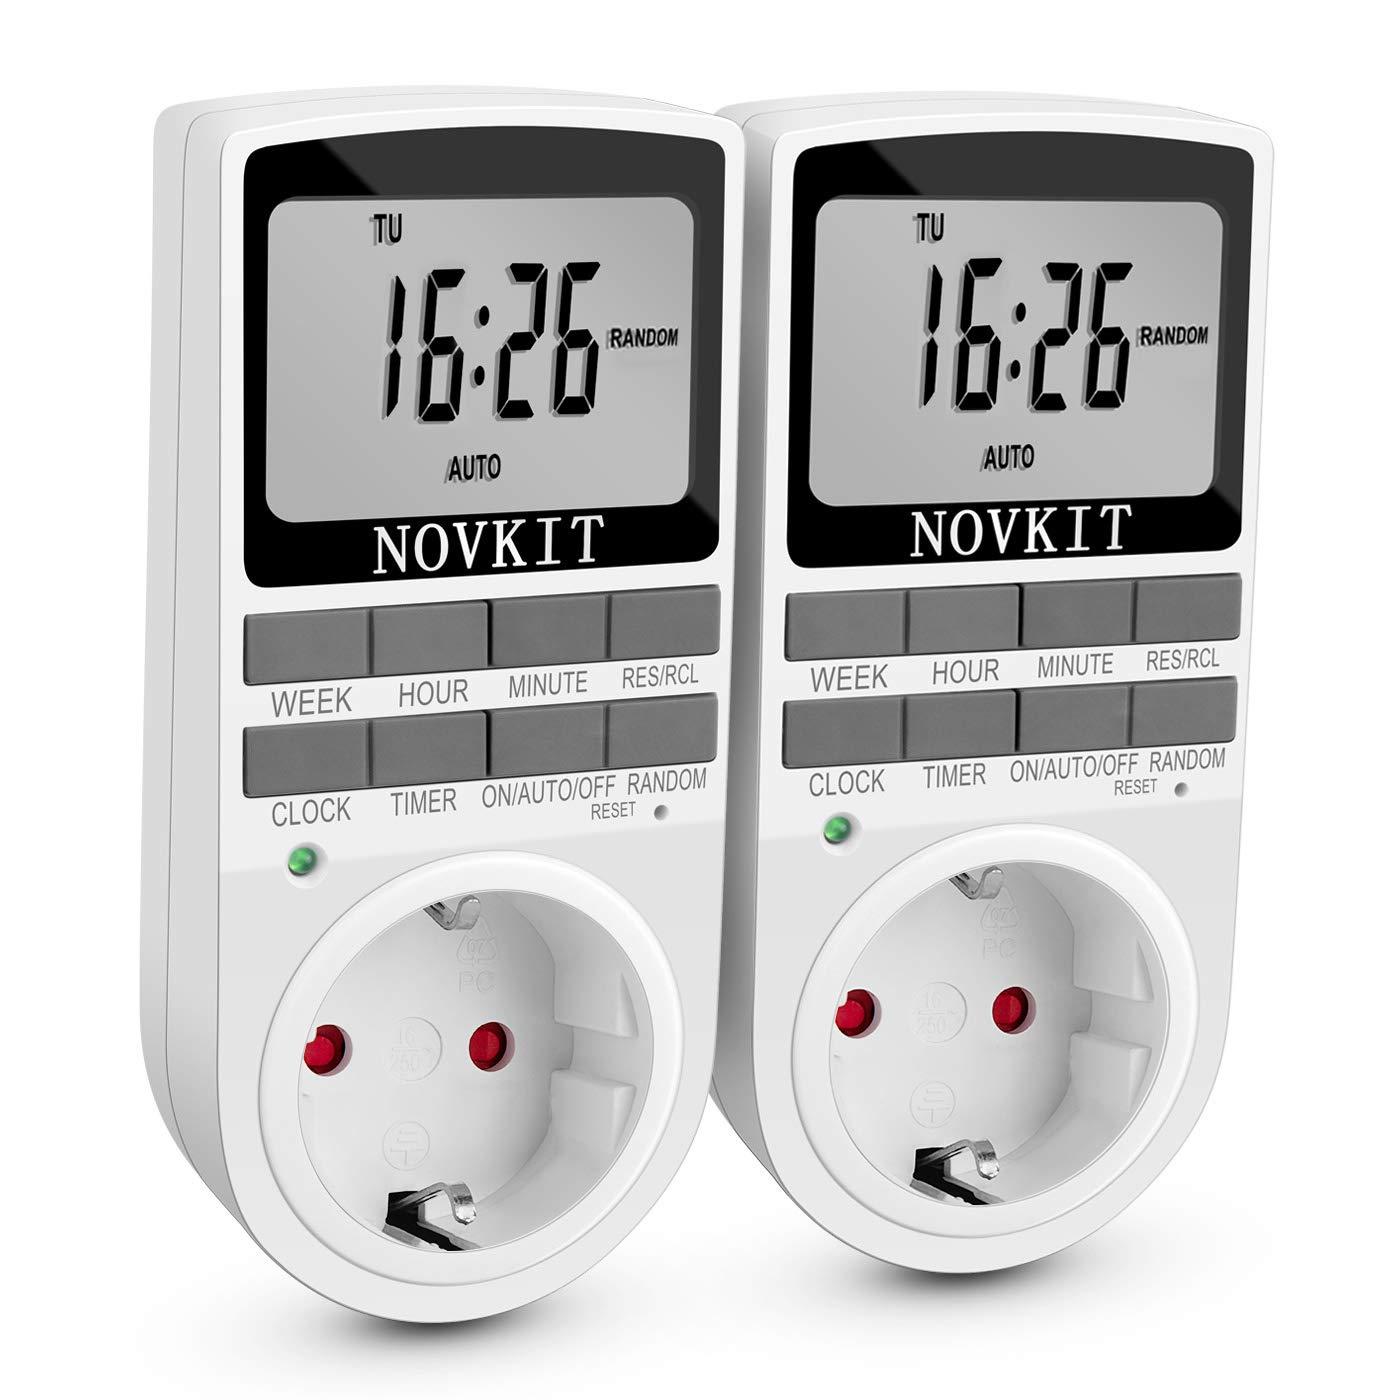 Digitale Elektrische Zeitschaltuhr Steckdose mit 10 programmierbaren Schaltprogramme wö chentliche minutengenaue Schalter der Lampe und einbruchsicheren Zufallsschaltung (2er Pack) NOVKIT